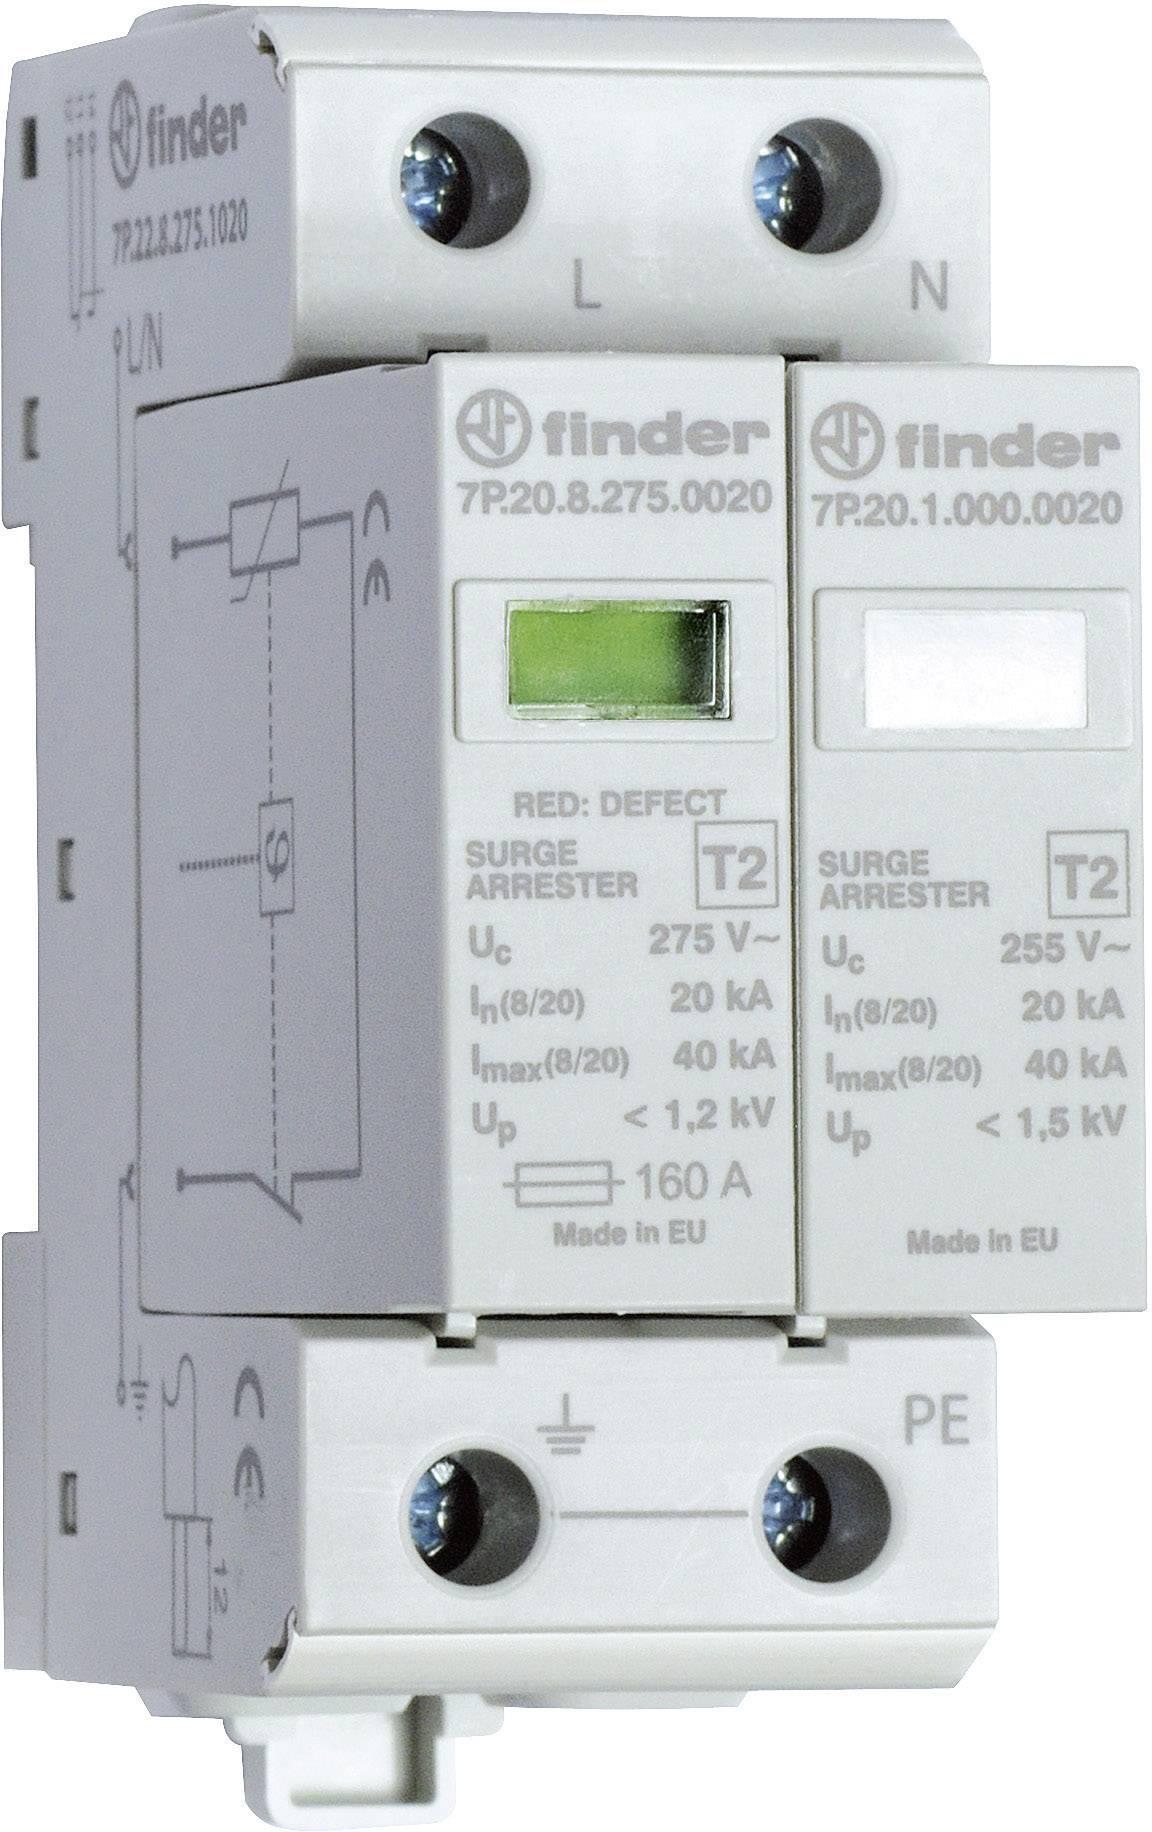 Zvodič pre prepäťovú ochranu Finder 7P.22.8.275.1020 7P.22.8.275.1020, 20 kA